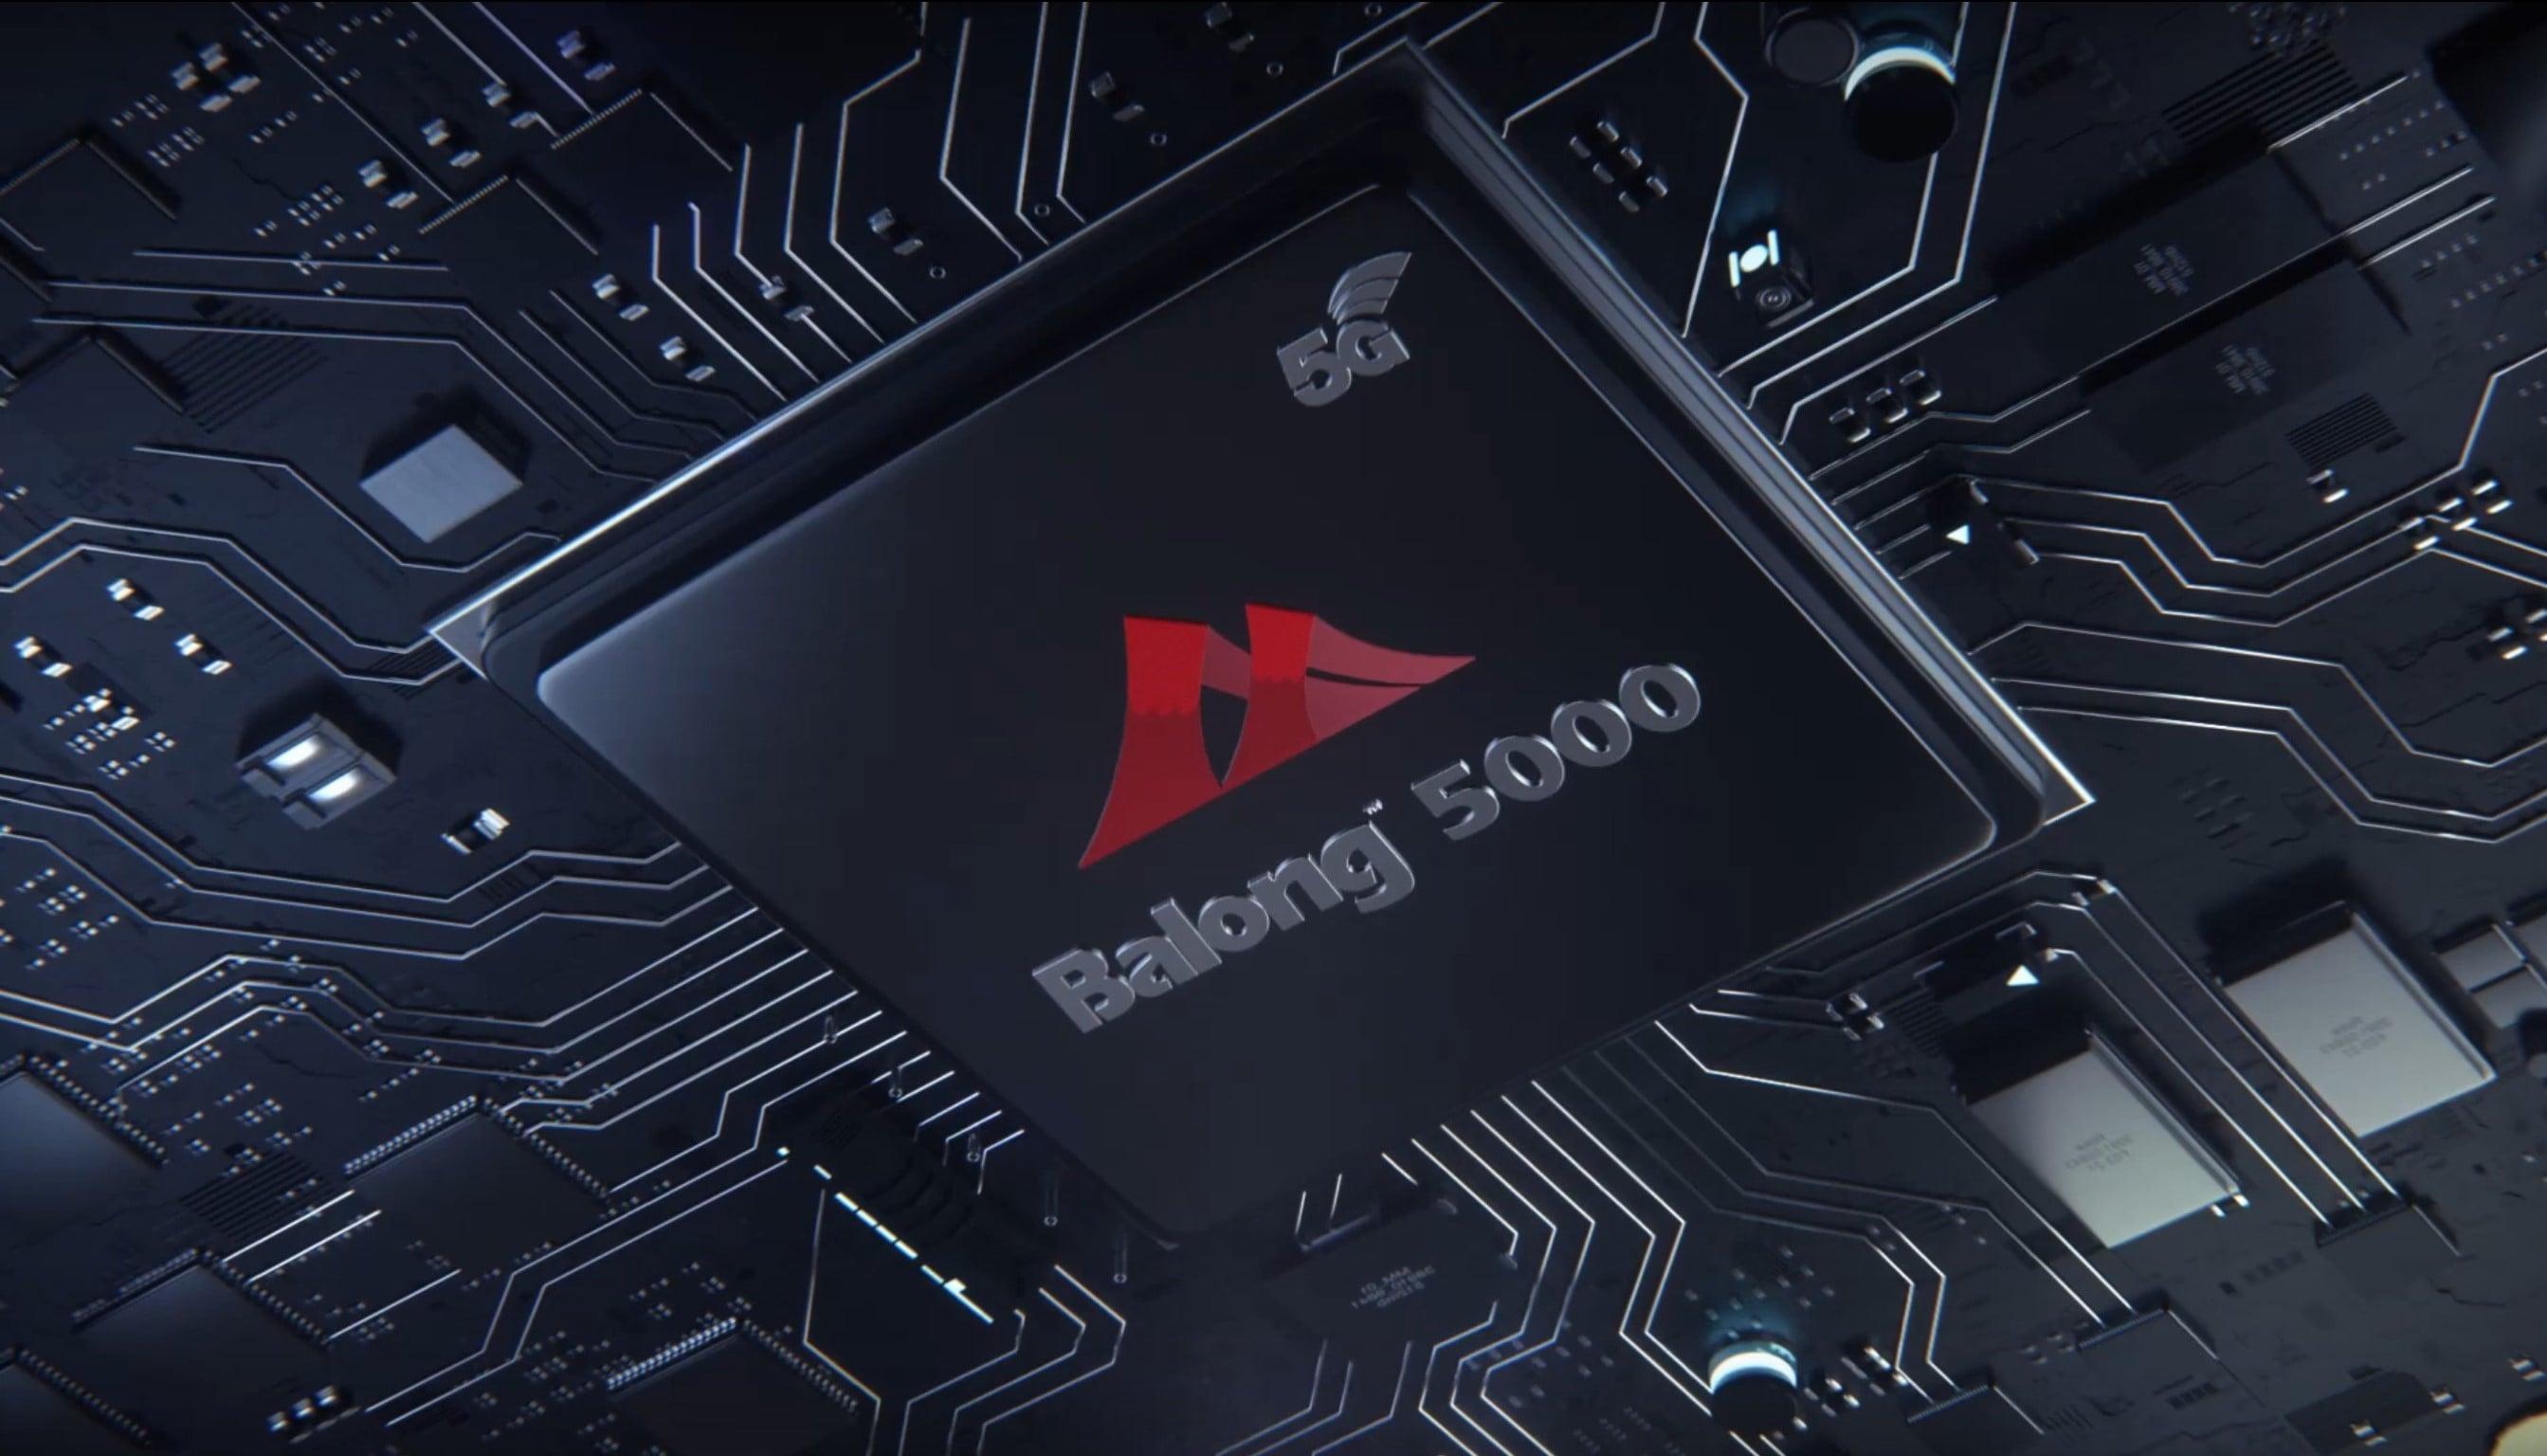 Modem 5G od Huawei jest zbyt duży względem chipu od Qualcomma. To może być problem